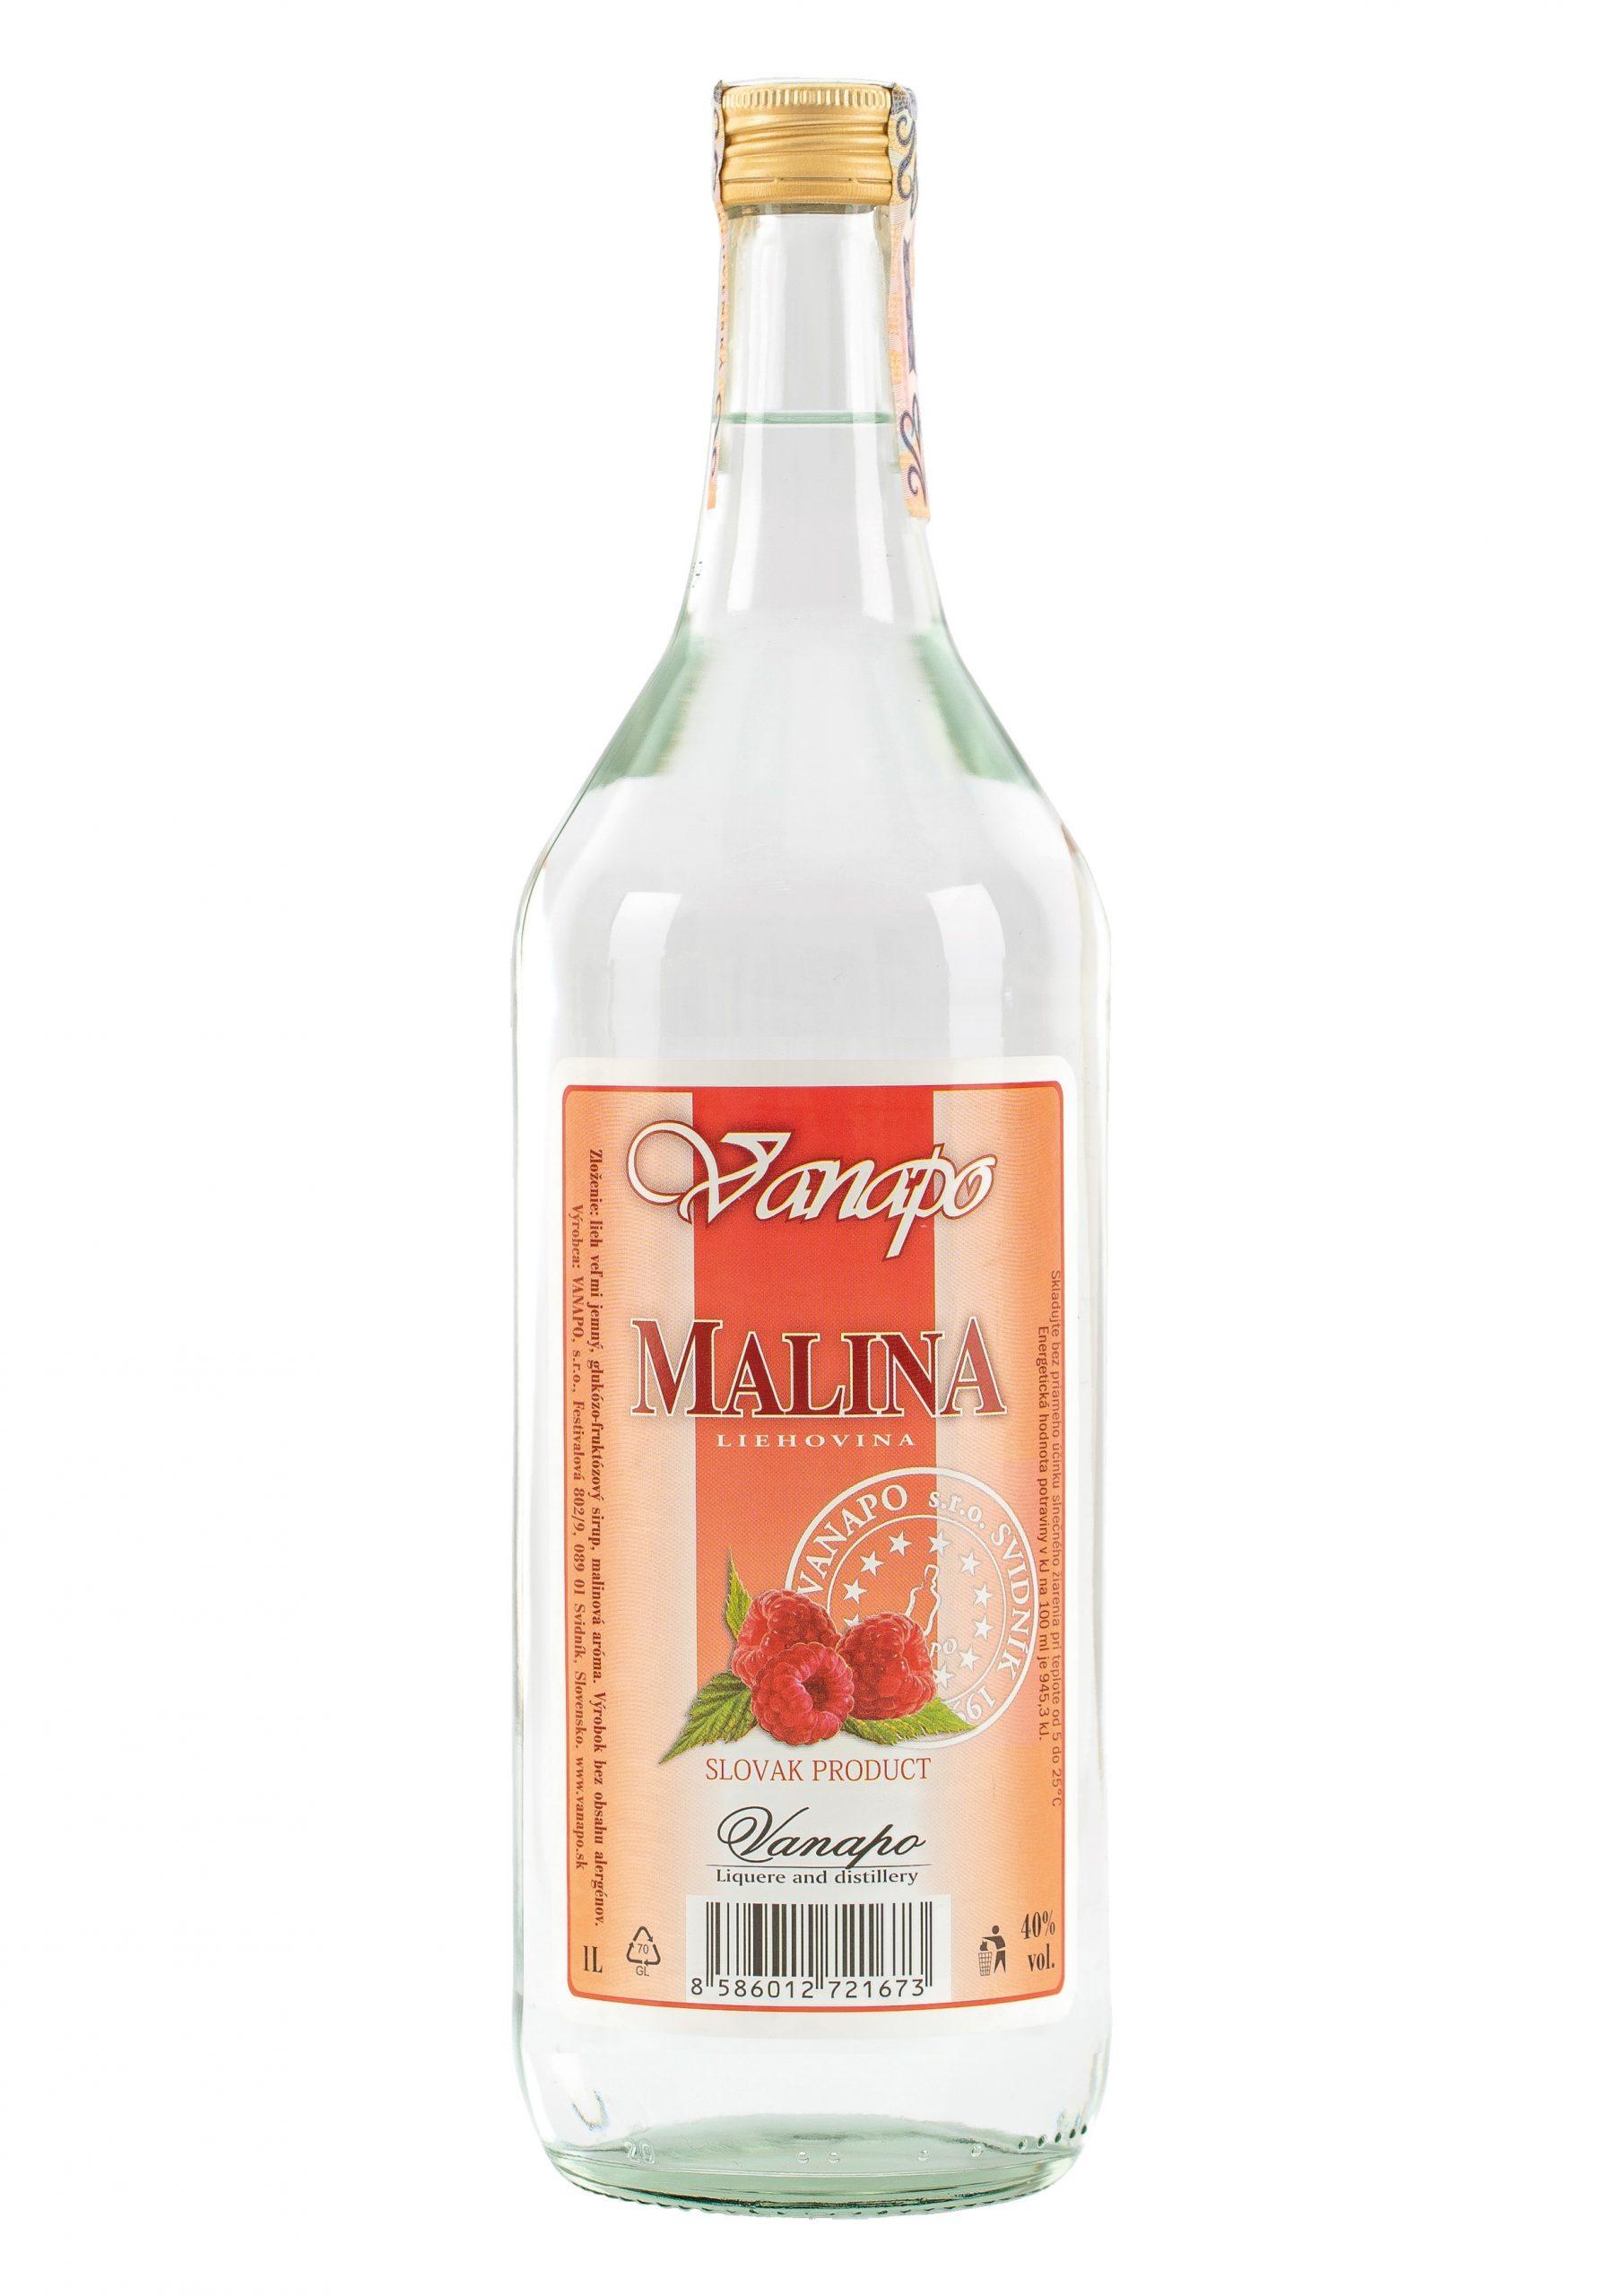 Malina 40 1L scaled 1 - Malina Vanapo